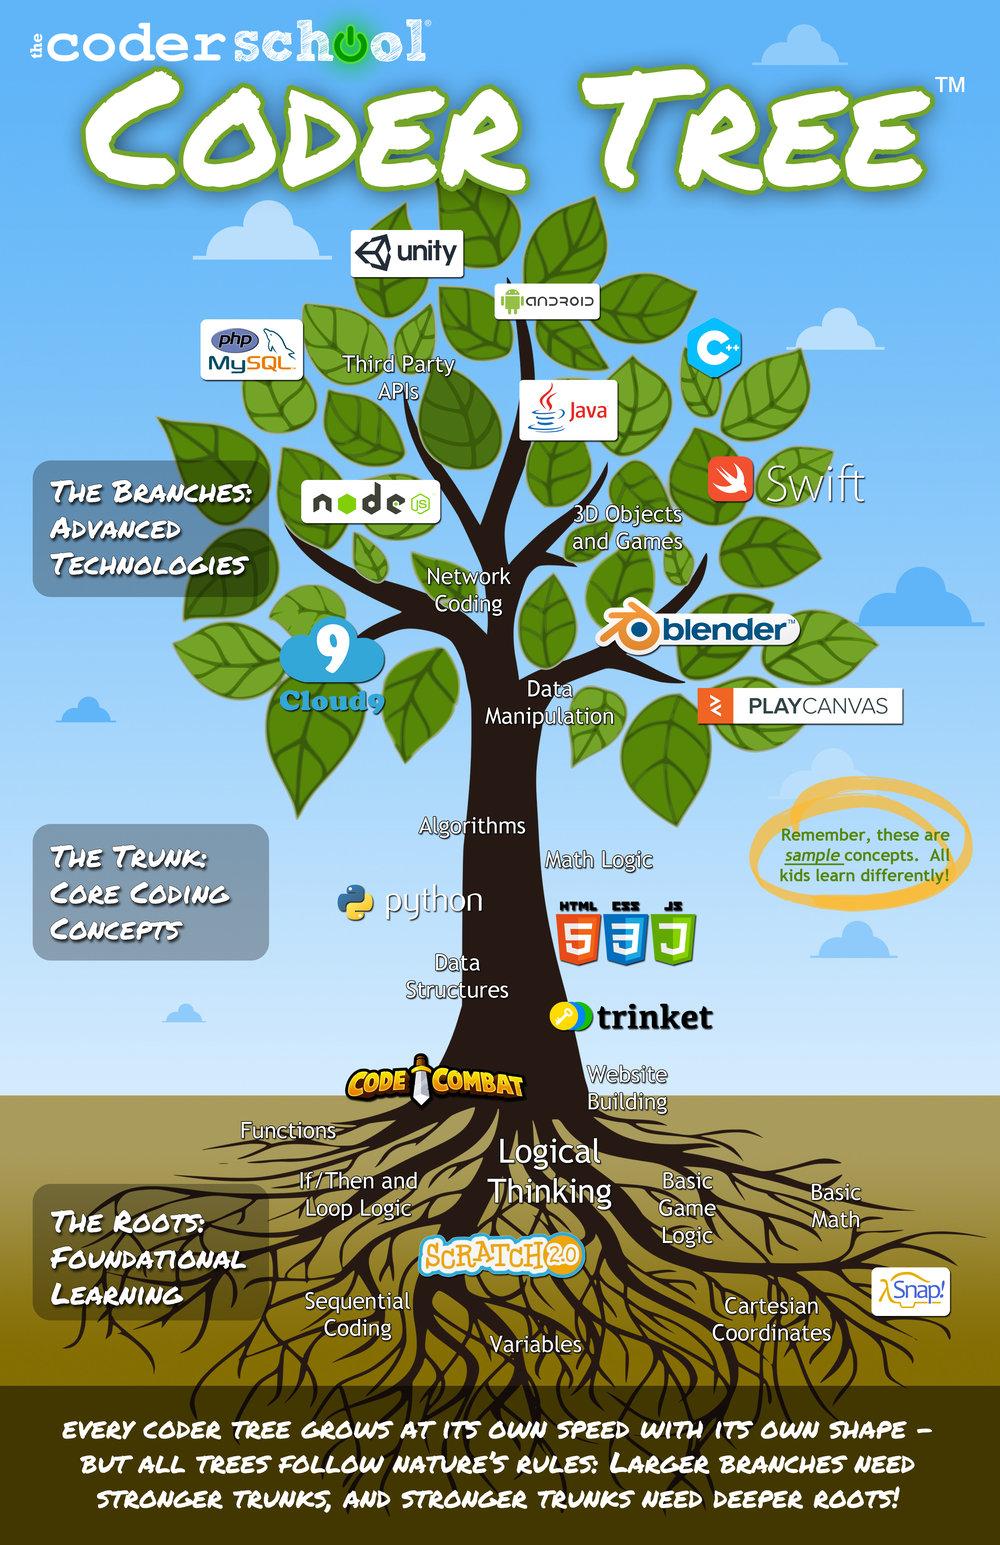 theCoderSchool's Coder Tree